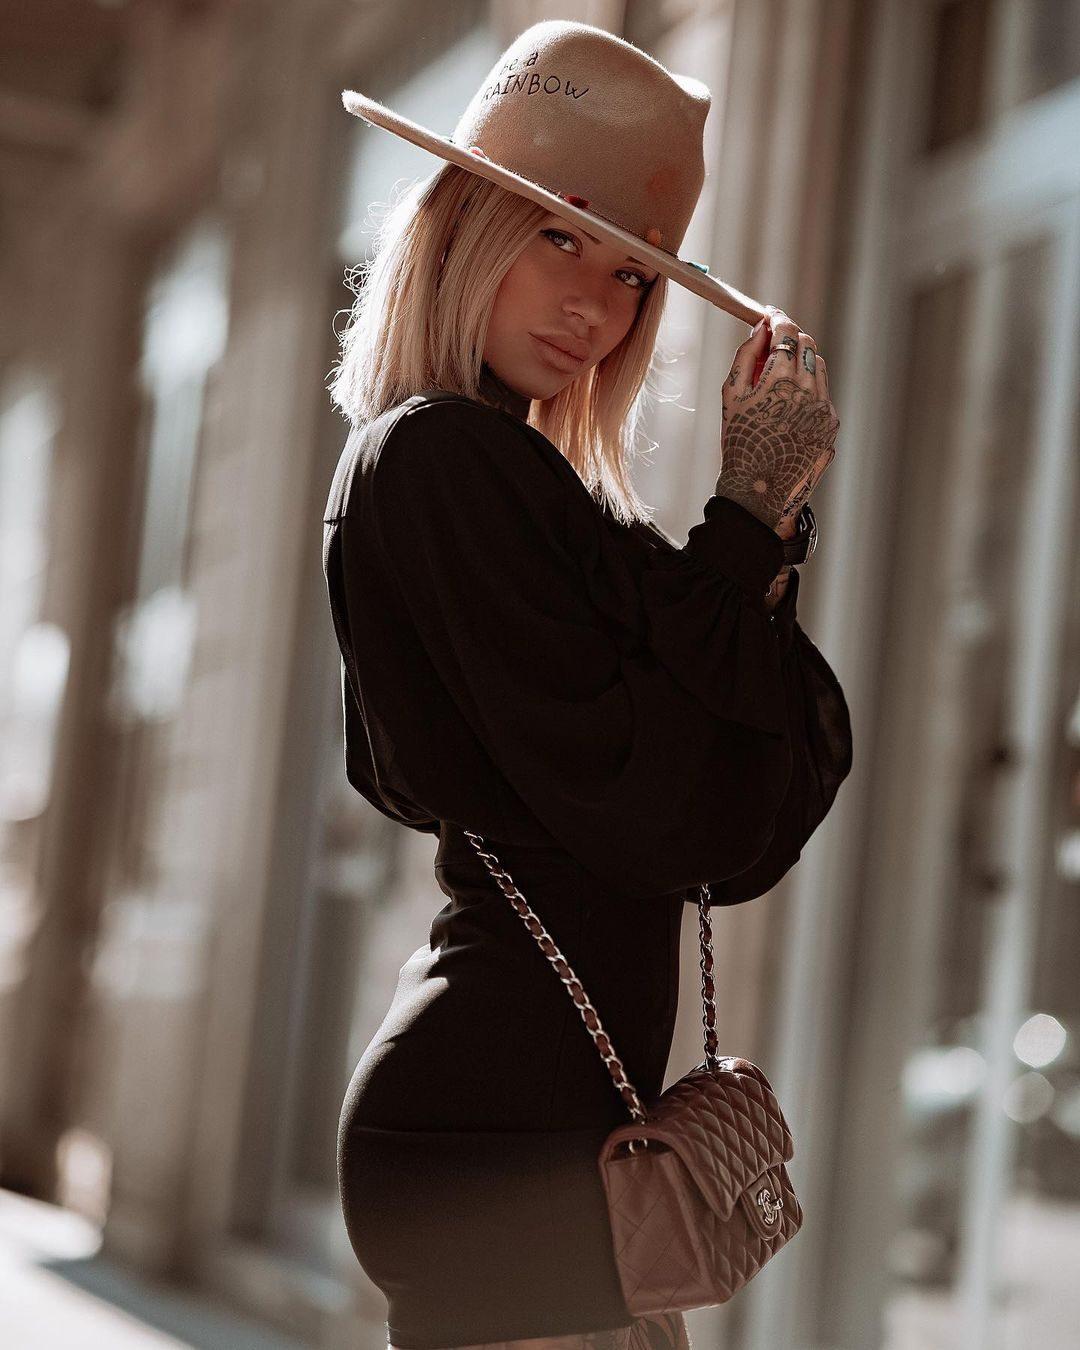 Zoe con una borsa Chanel